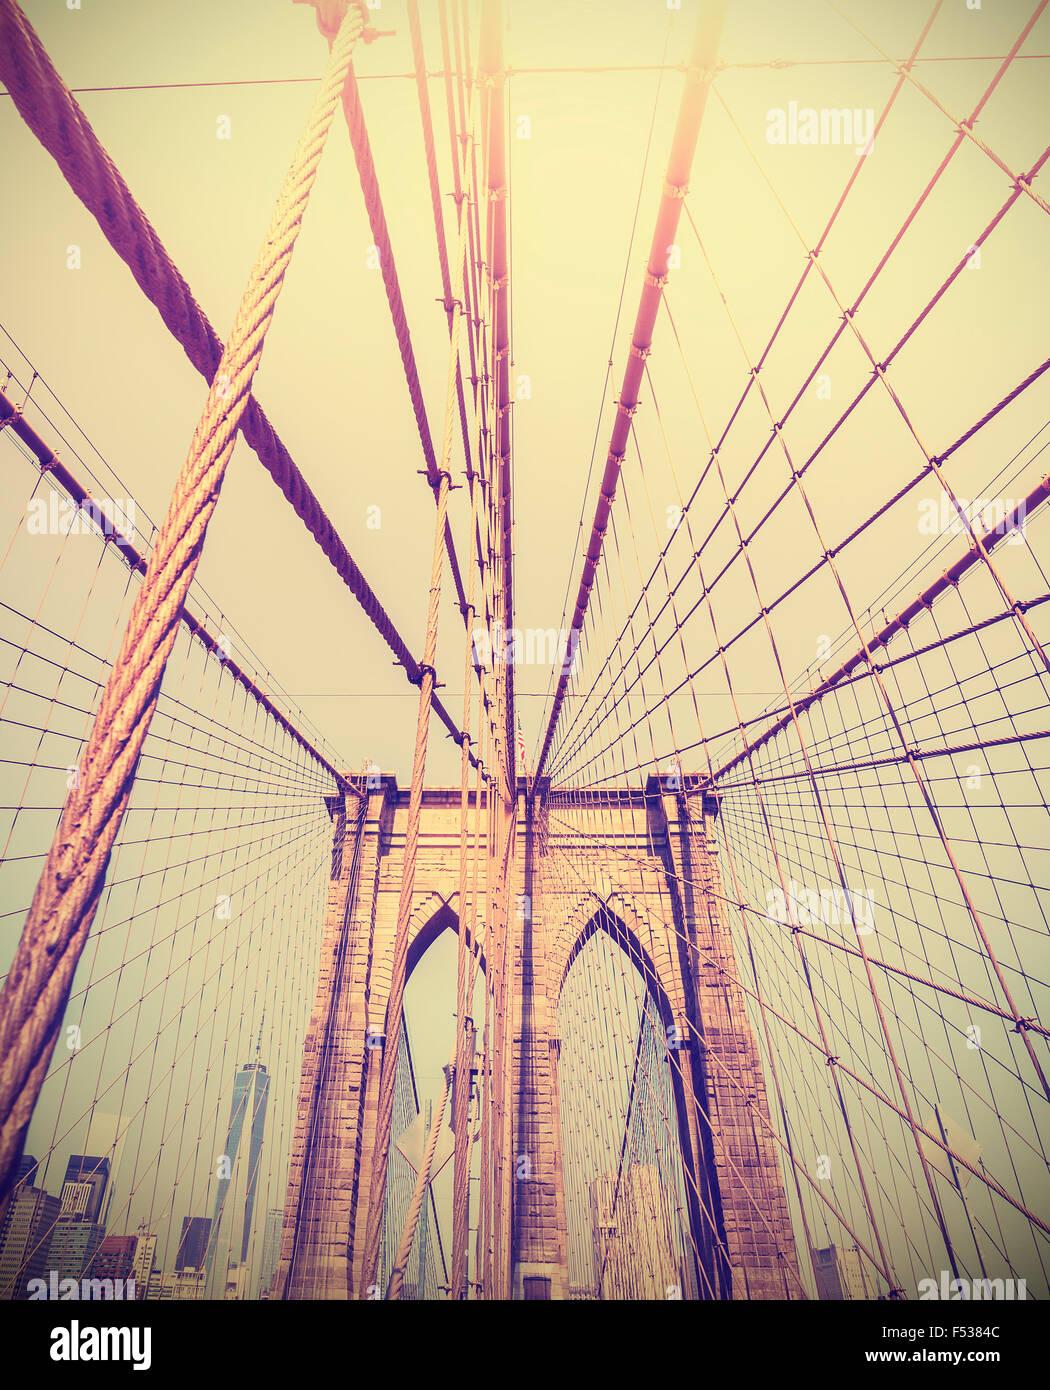 Tonos Vintage foto del Puente de Brooklyn, Nueva York, EE.UU.. Imagen De Stock